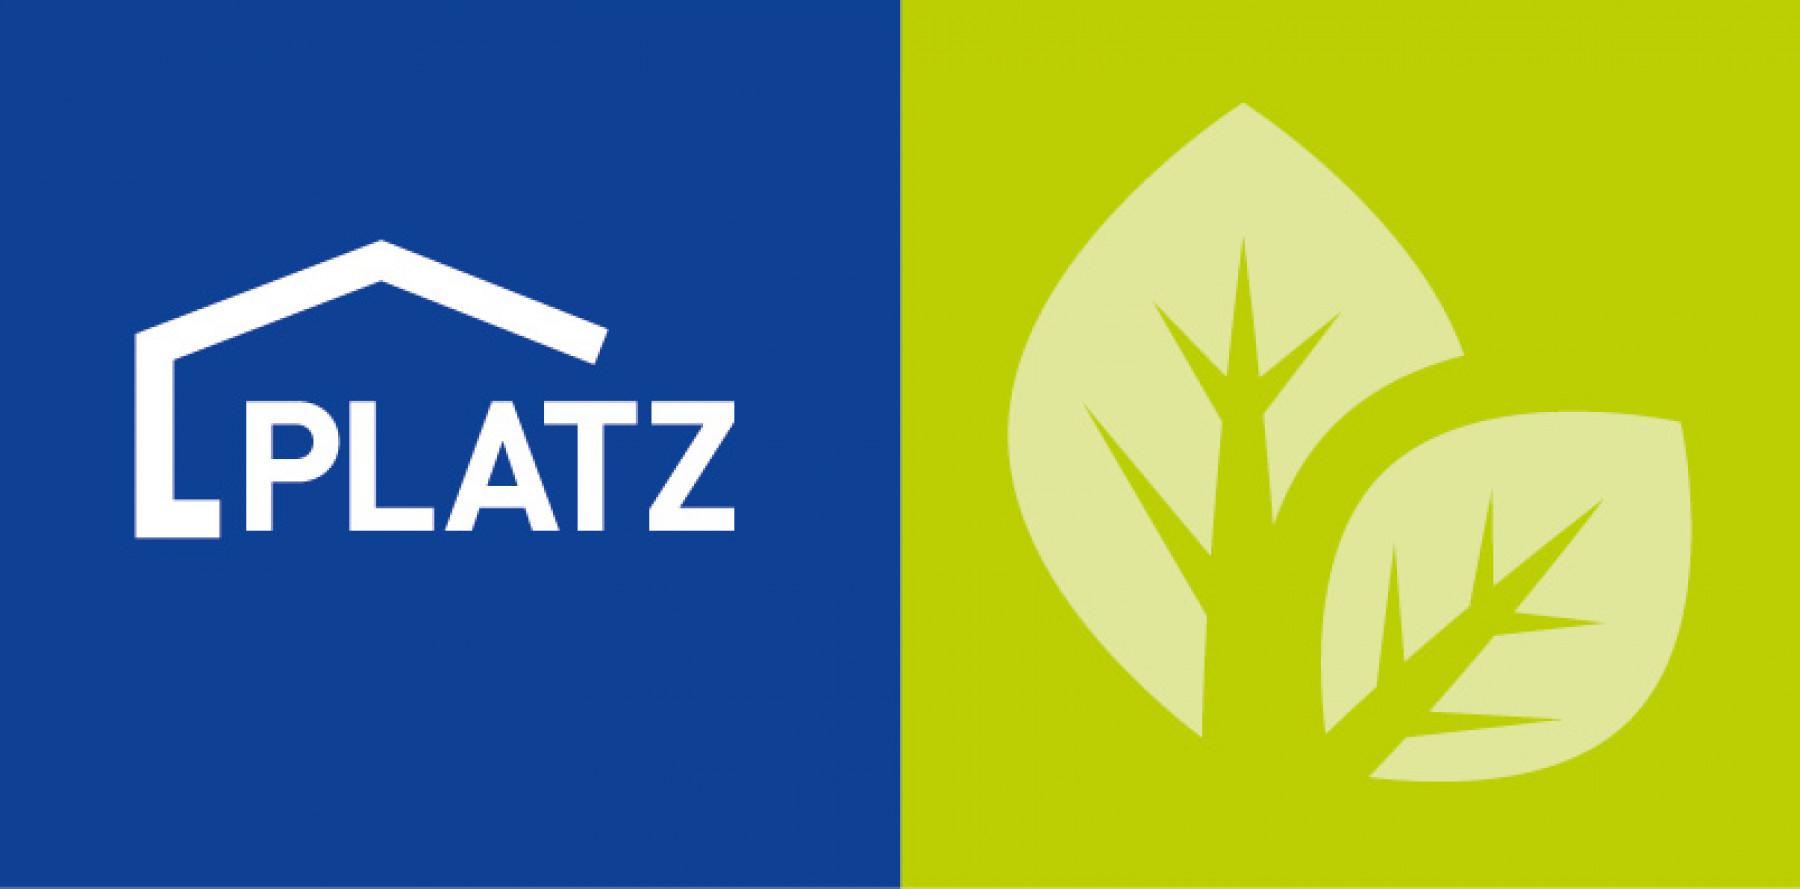 Bild Logo von: PLATZ Haus 21